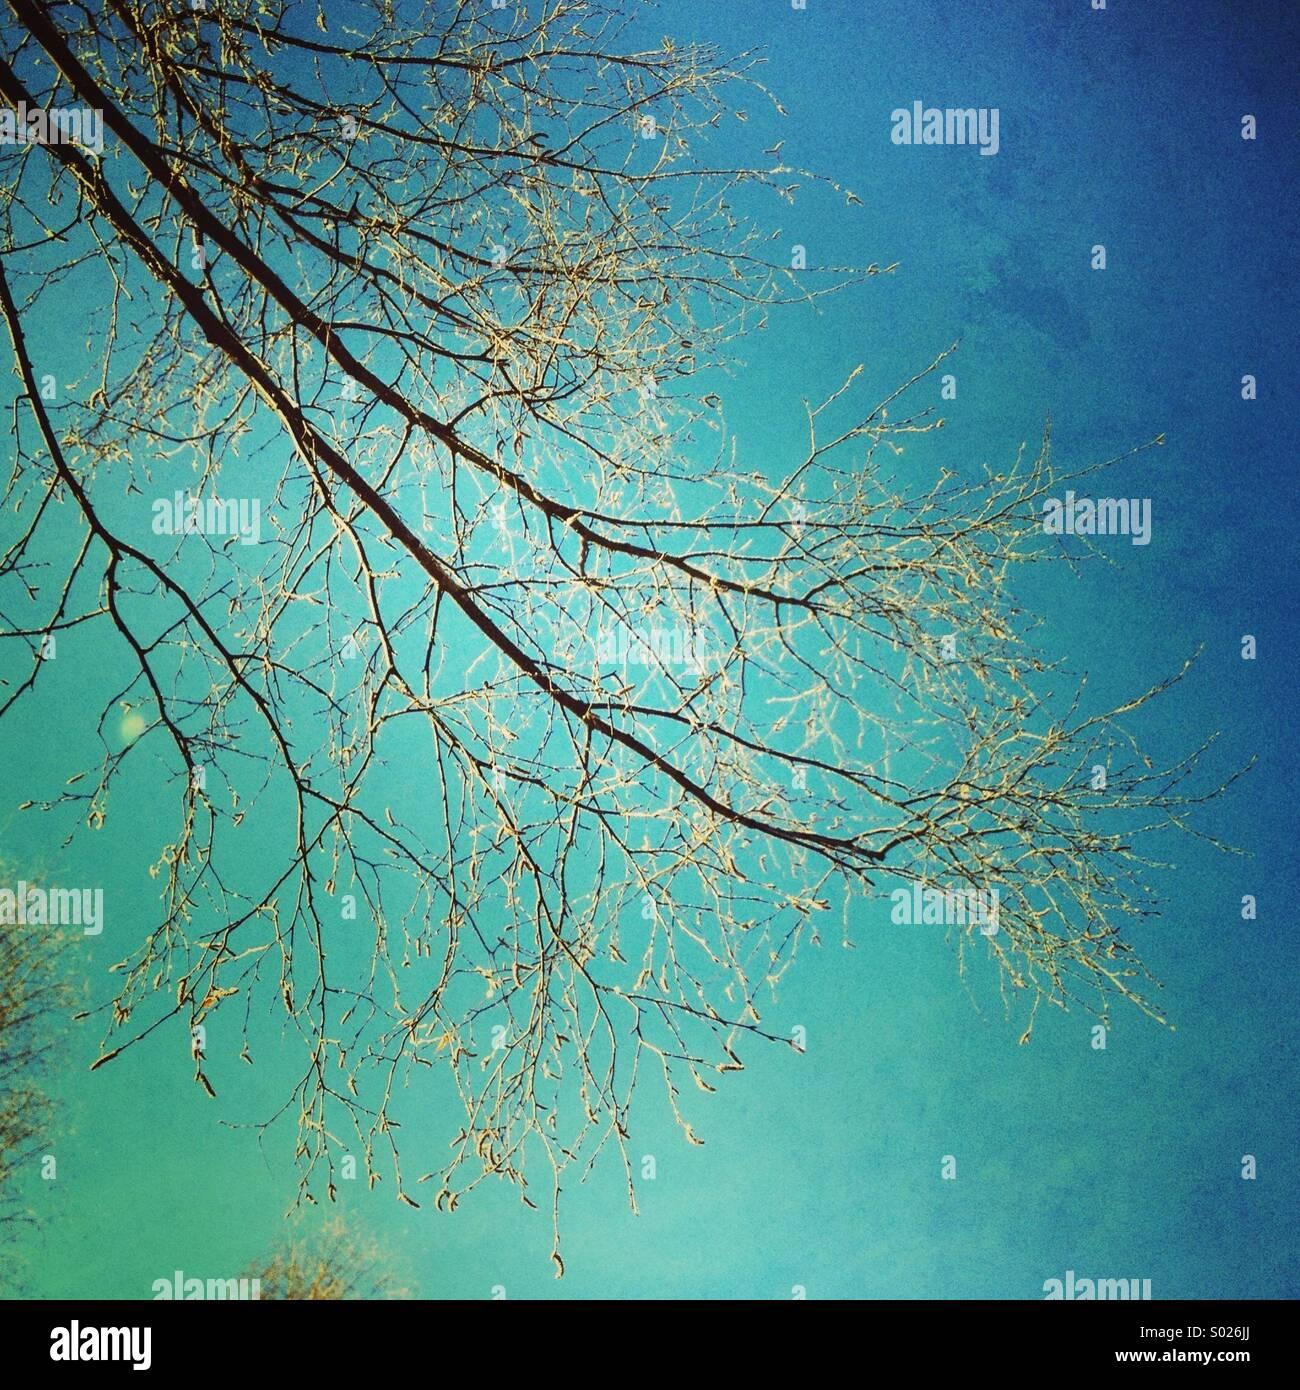 Zweige der Birke und türkis blauem Himmel Stockbild